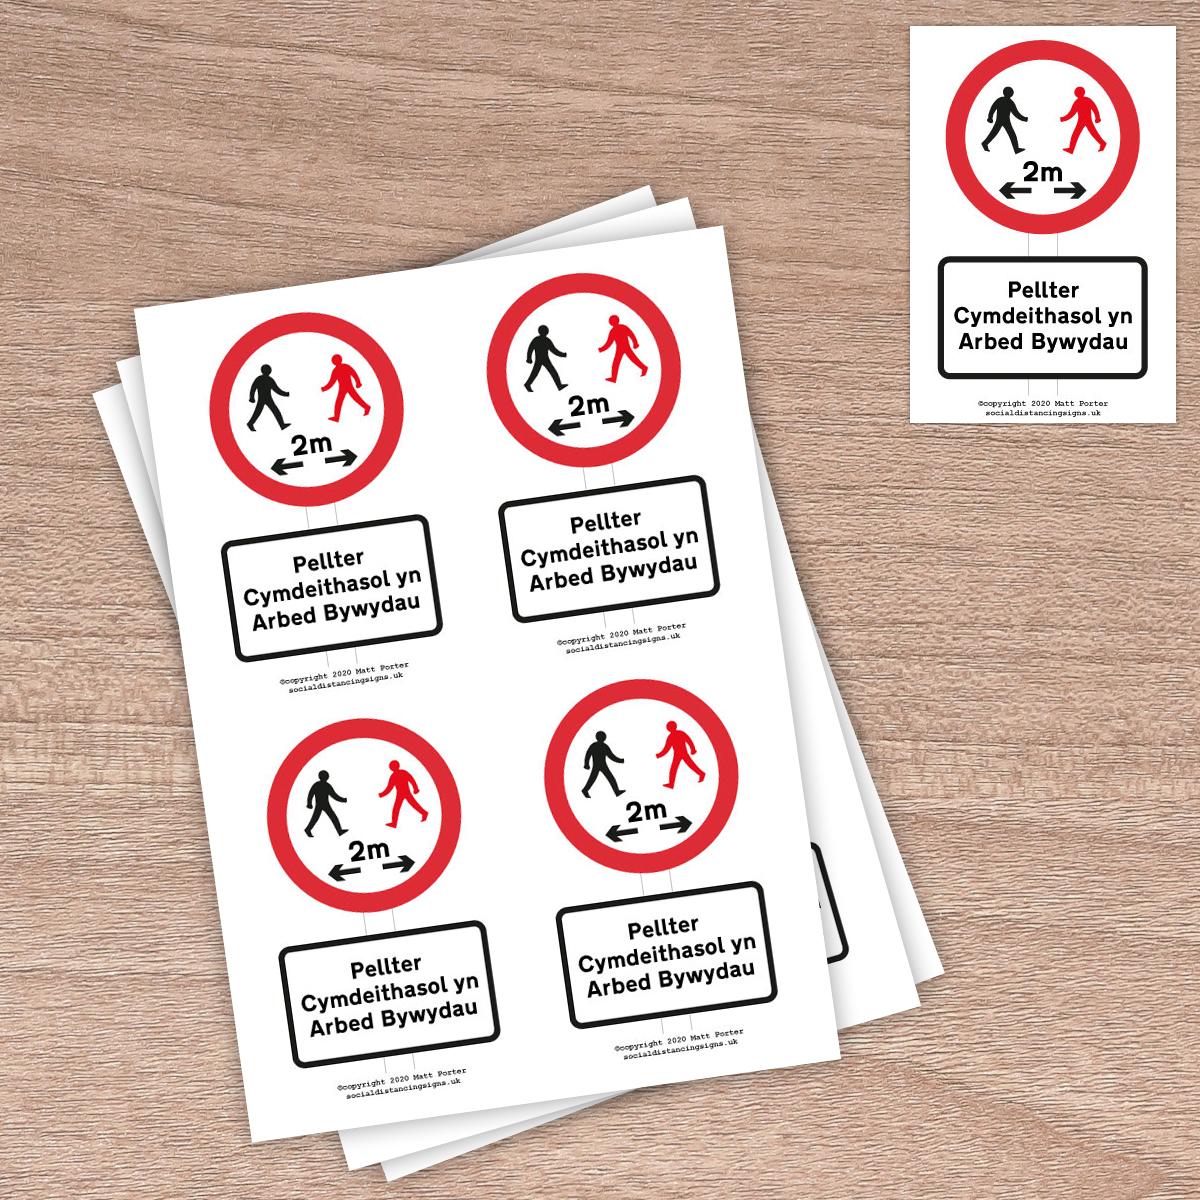 Pellter Cymdeithasol yn Arbed Bywydau (140mm x 94mm) Warning / Reminder Stickers